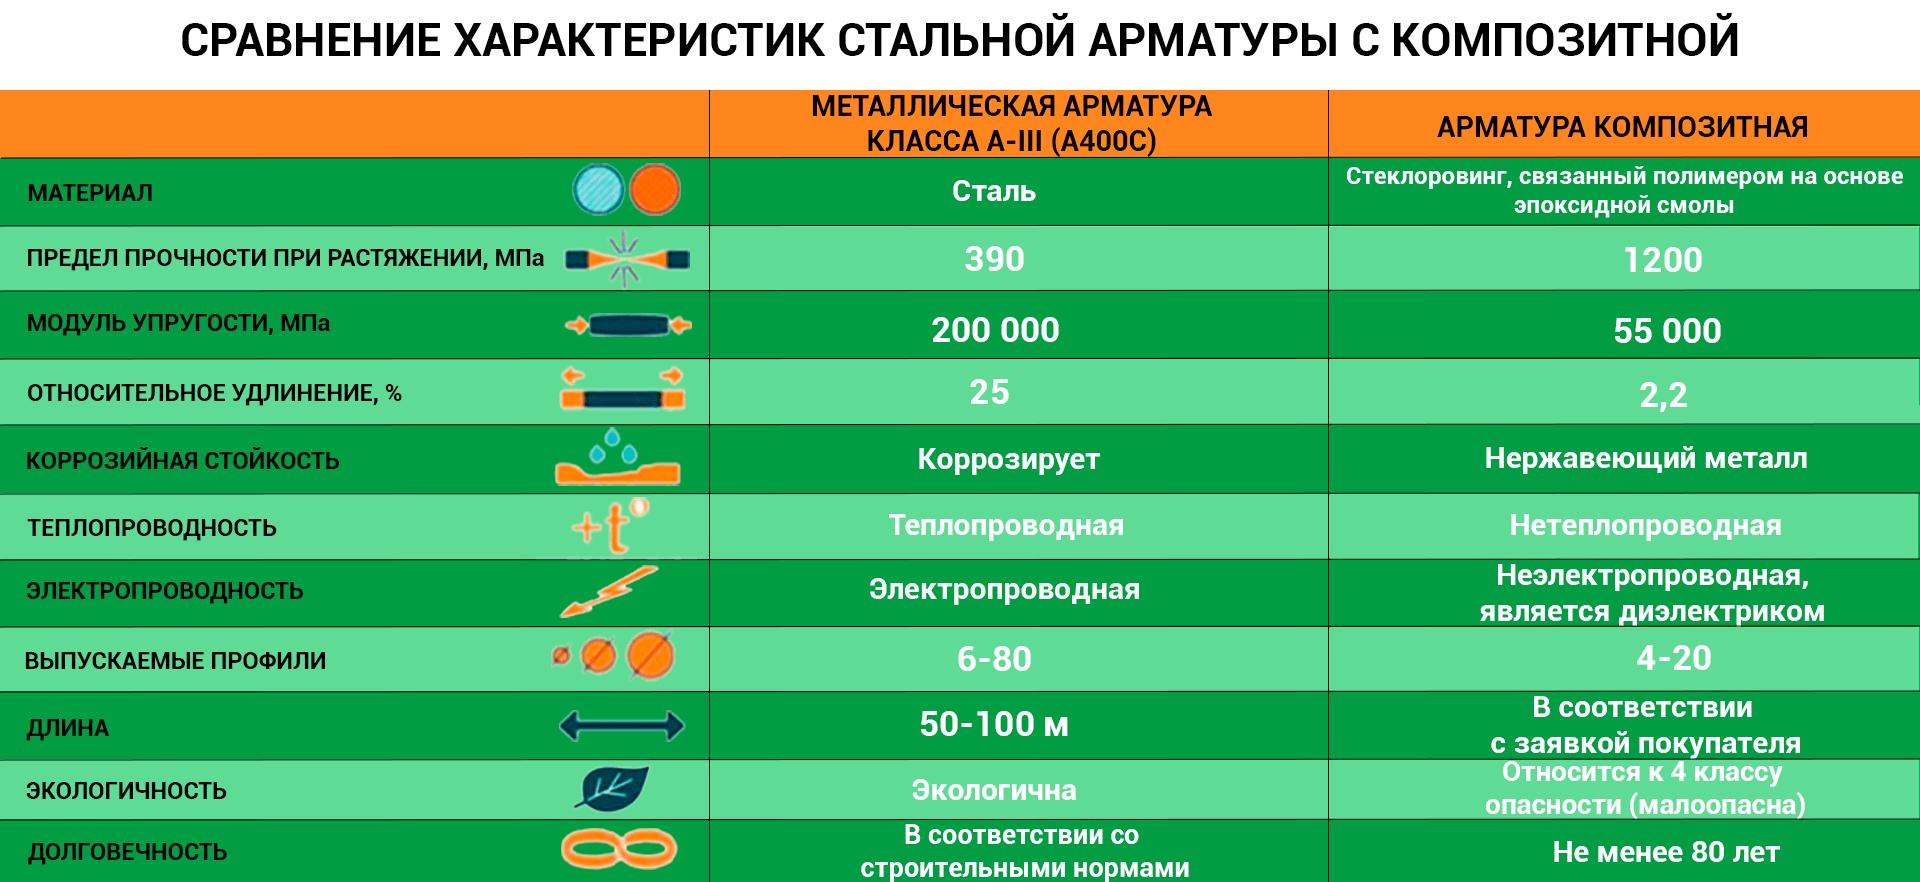 Сравнение характеристик арматуры